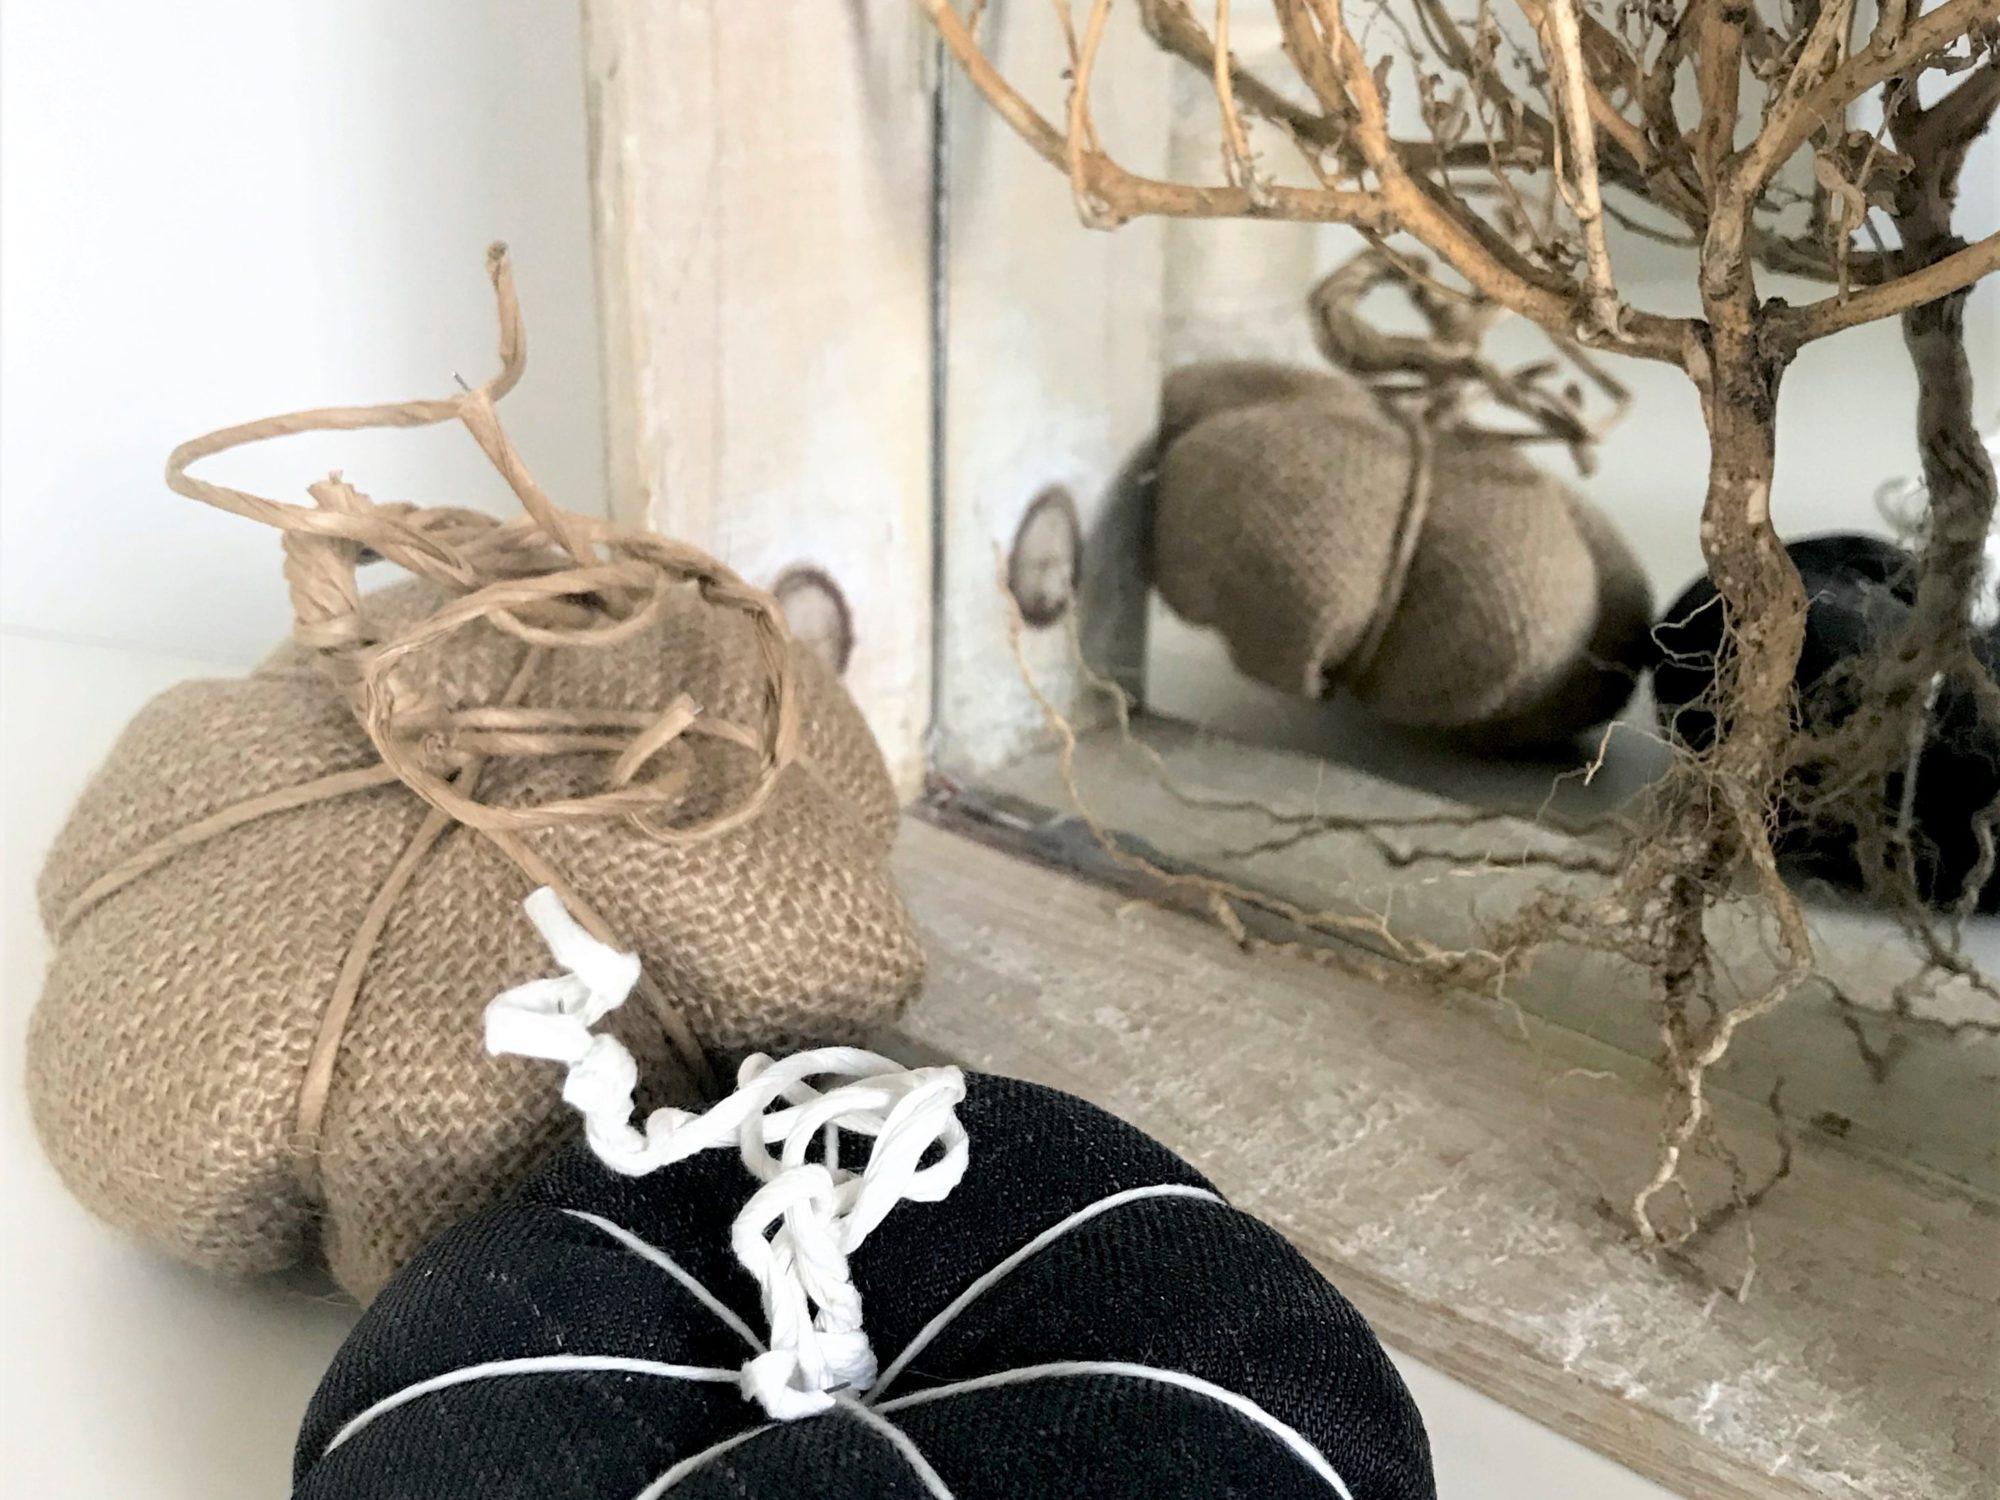 DIY Anleitung für Kürbis aus Stoff z.B. Jute oder Jeans. Schöne Herbstdeko einfach mit DIY selber machen. Einfaches Nähtutorial für Anfänger. Kürbis Deko für den Herbst. #Chalet8, #Herbst, #Kürbis, #einfach, #Nähanleitung.